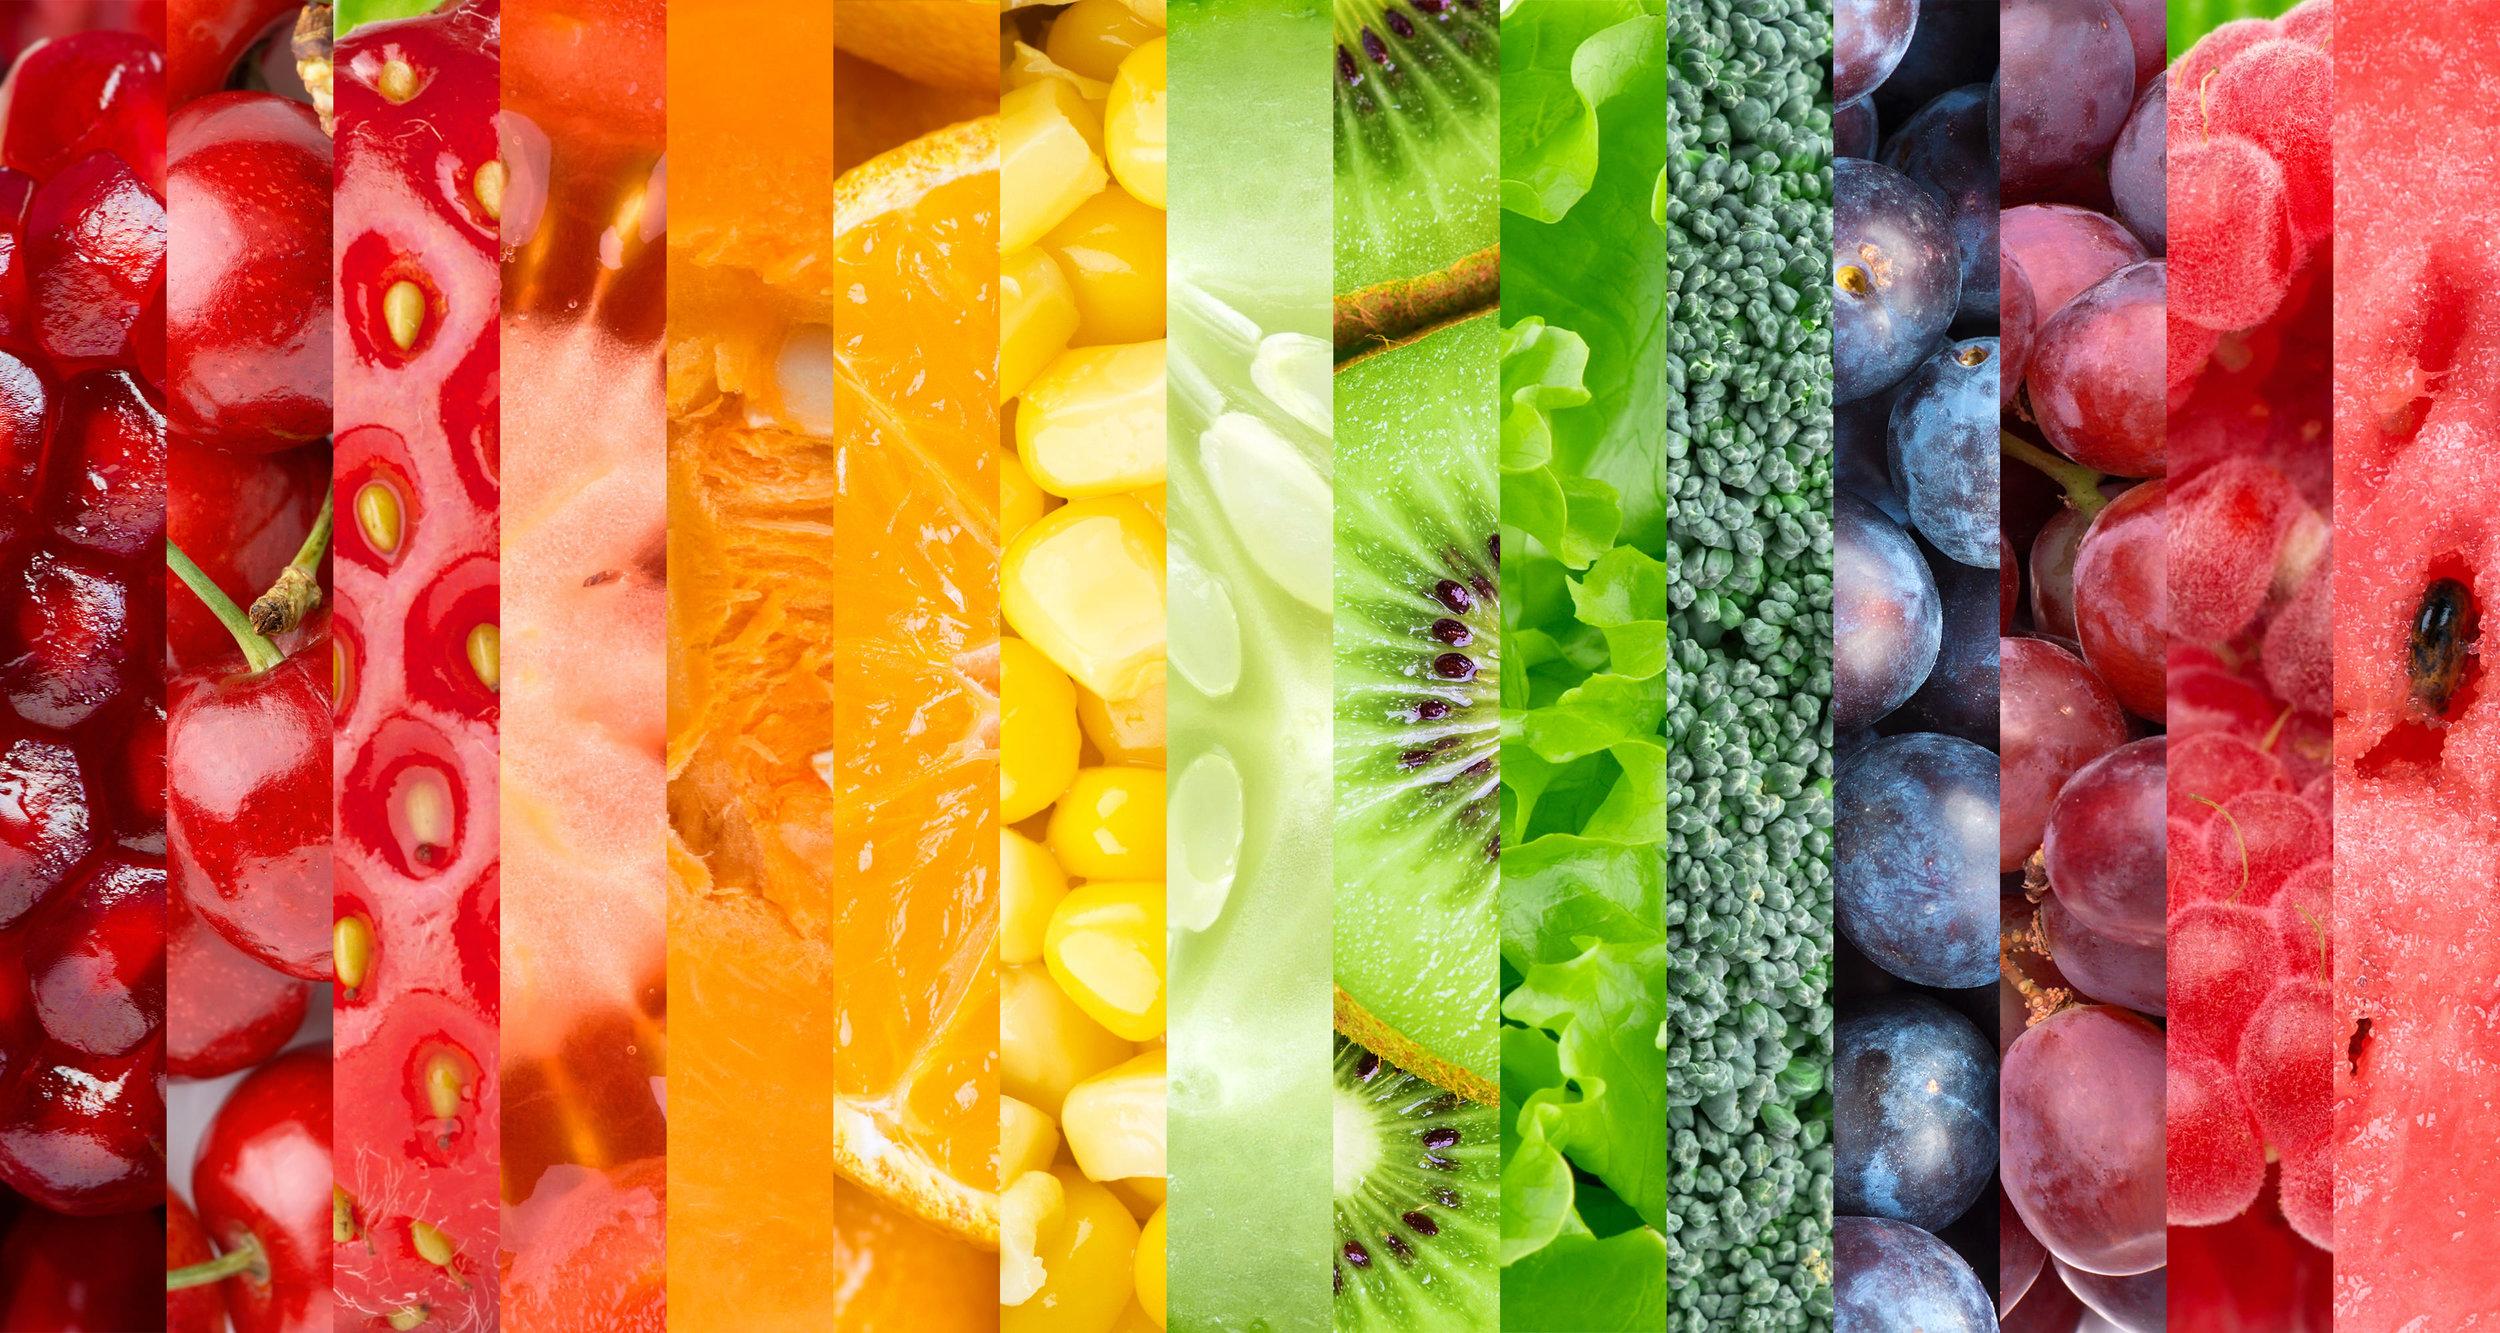 HEALTHY-FOOD-BACKGROUND-1.jpg